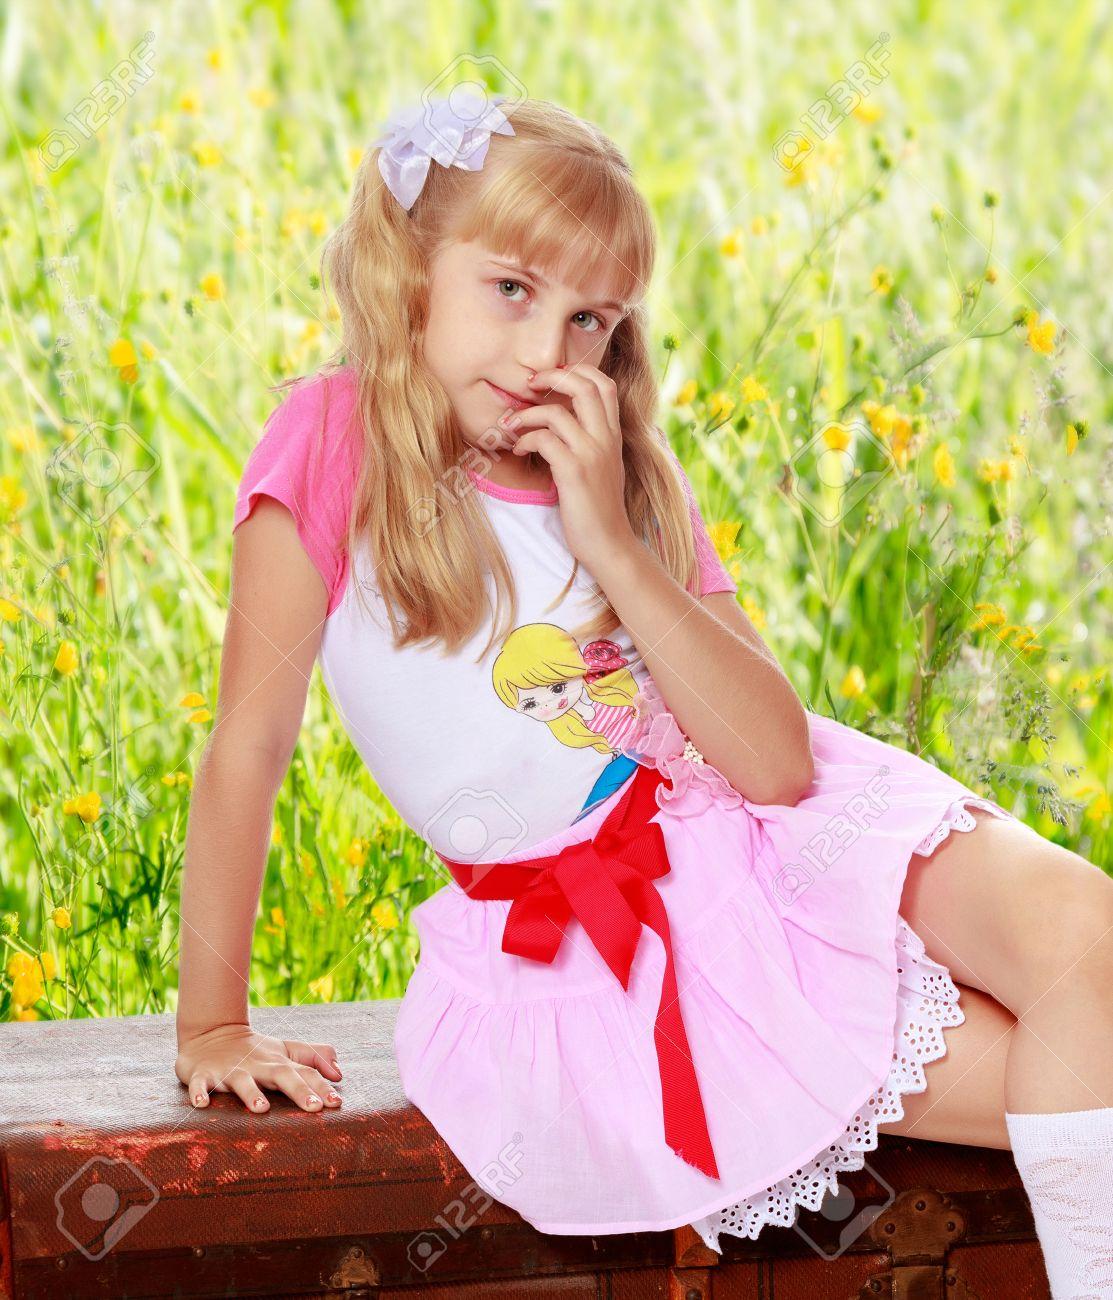 ce42b5e958 Niña Hermosa En Una Falda Corta De Color Rosa Y Medias Blancas Que Se  Sientan En La Antigua Carretera Suitcase.On El Fondo De La Hierba Verde Y  Flores ...